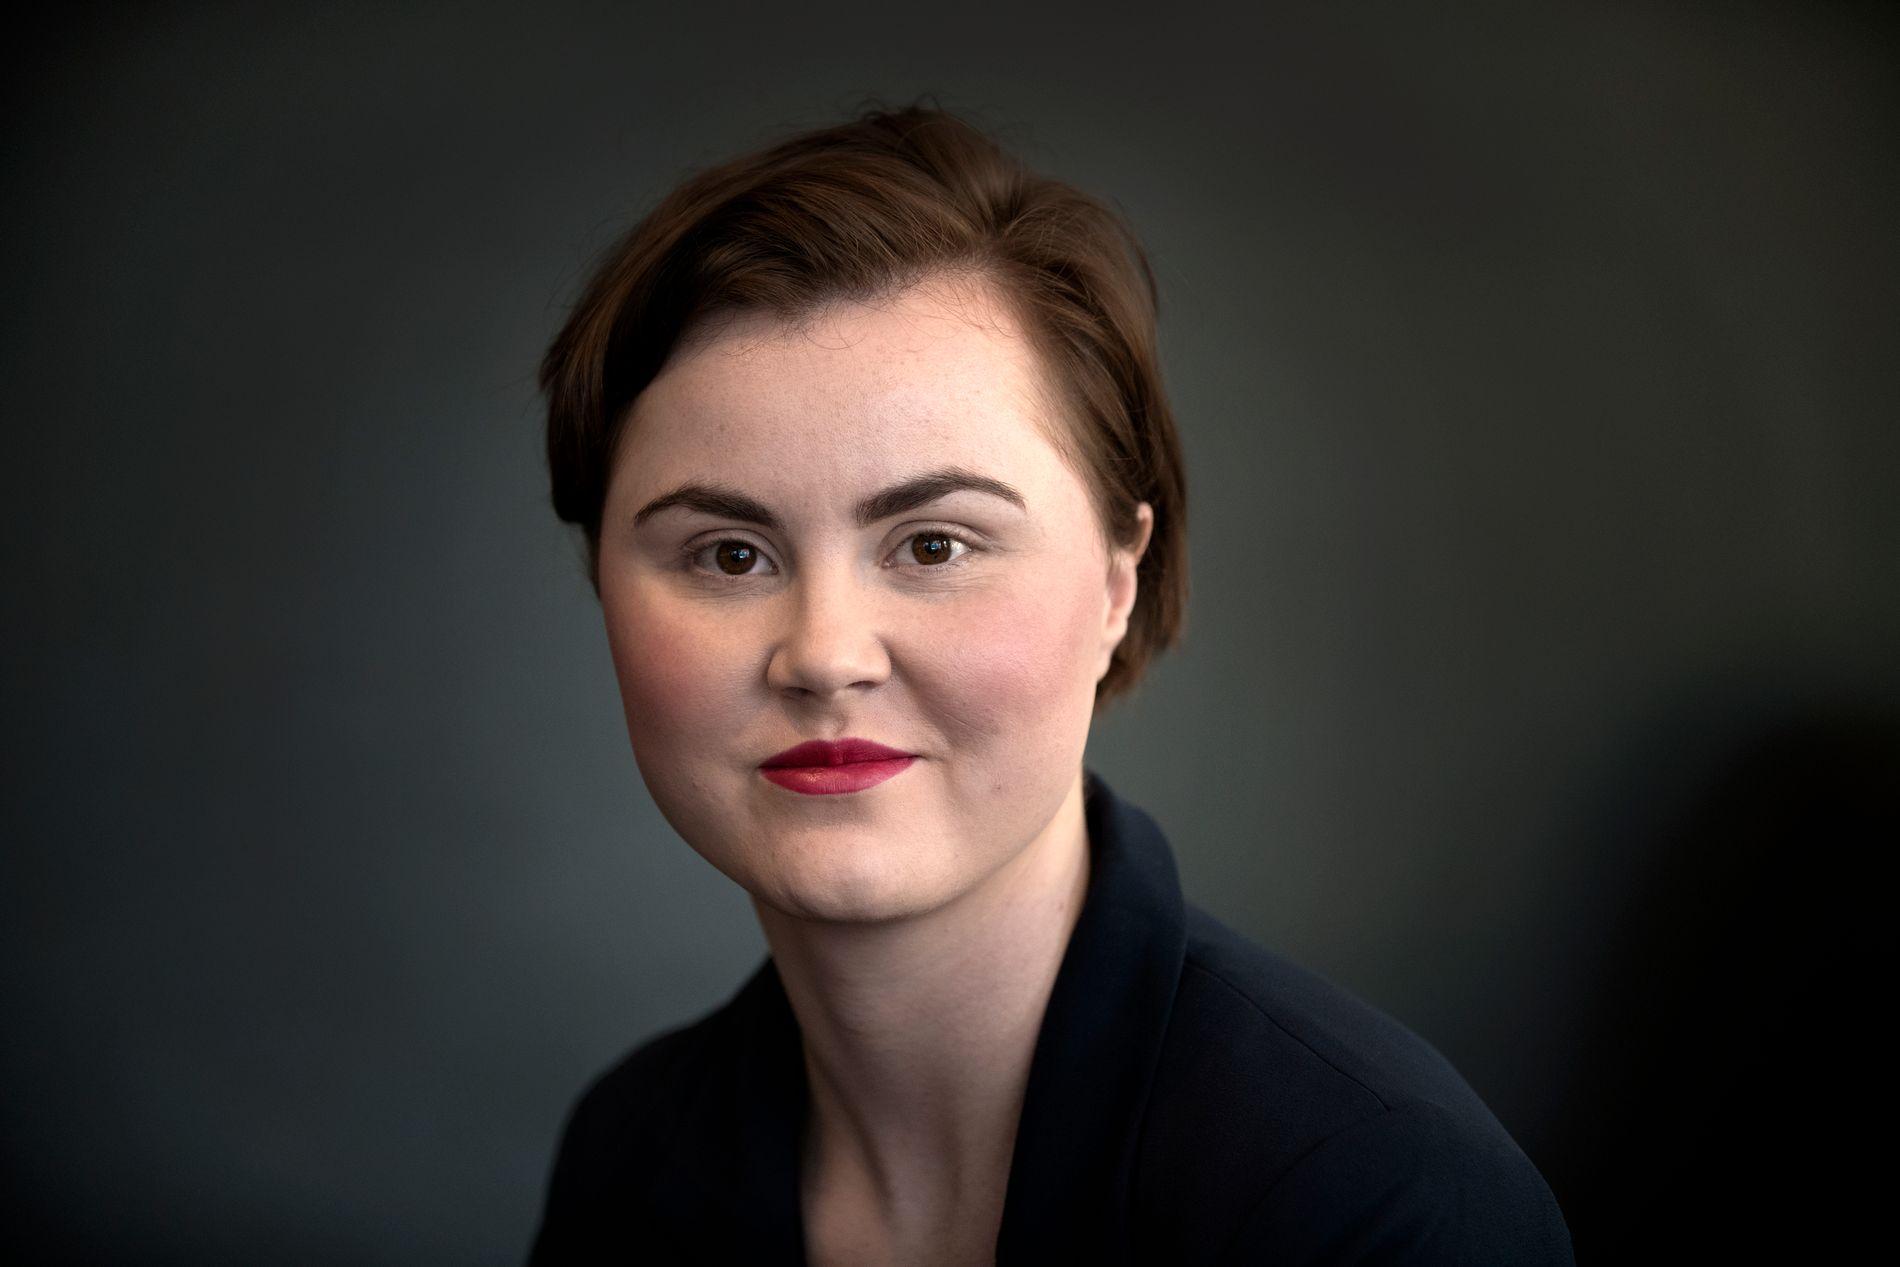 KREVENDE: Jeg skal være den første til å innrømme at systemet for barnehageopptak er krevende å forstå. Jeg vil at innbyggernes møte med kommunen skal oppleves mindre tungvint, skriver Linn Kristin Engø (Ap).